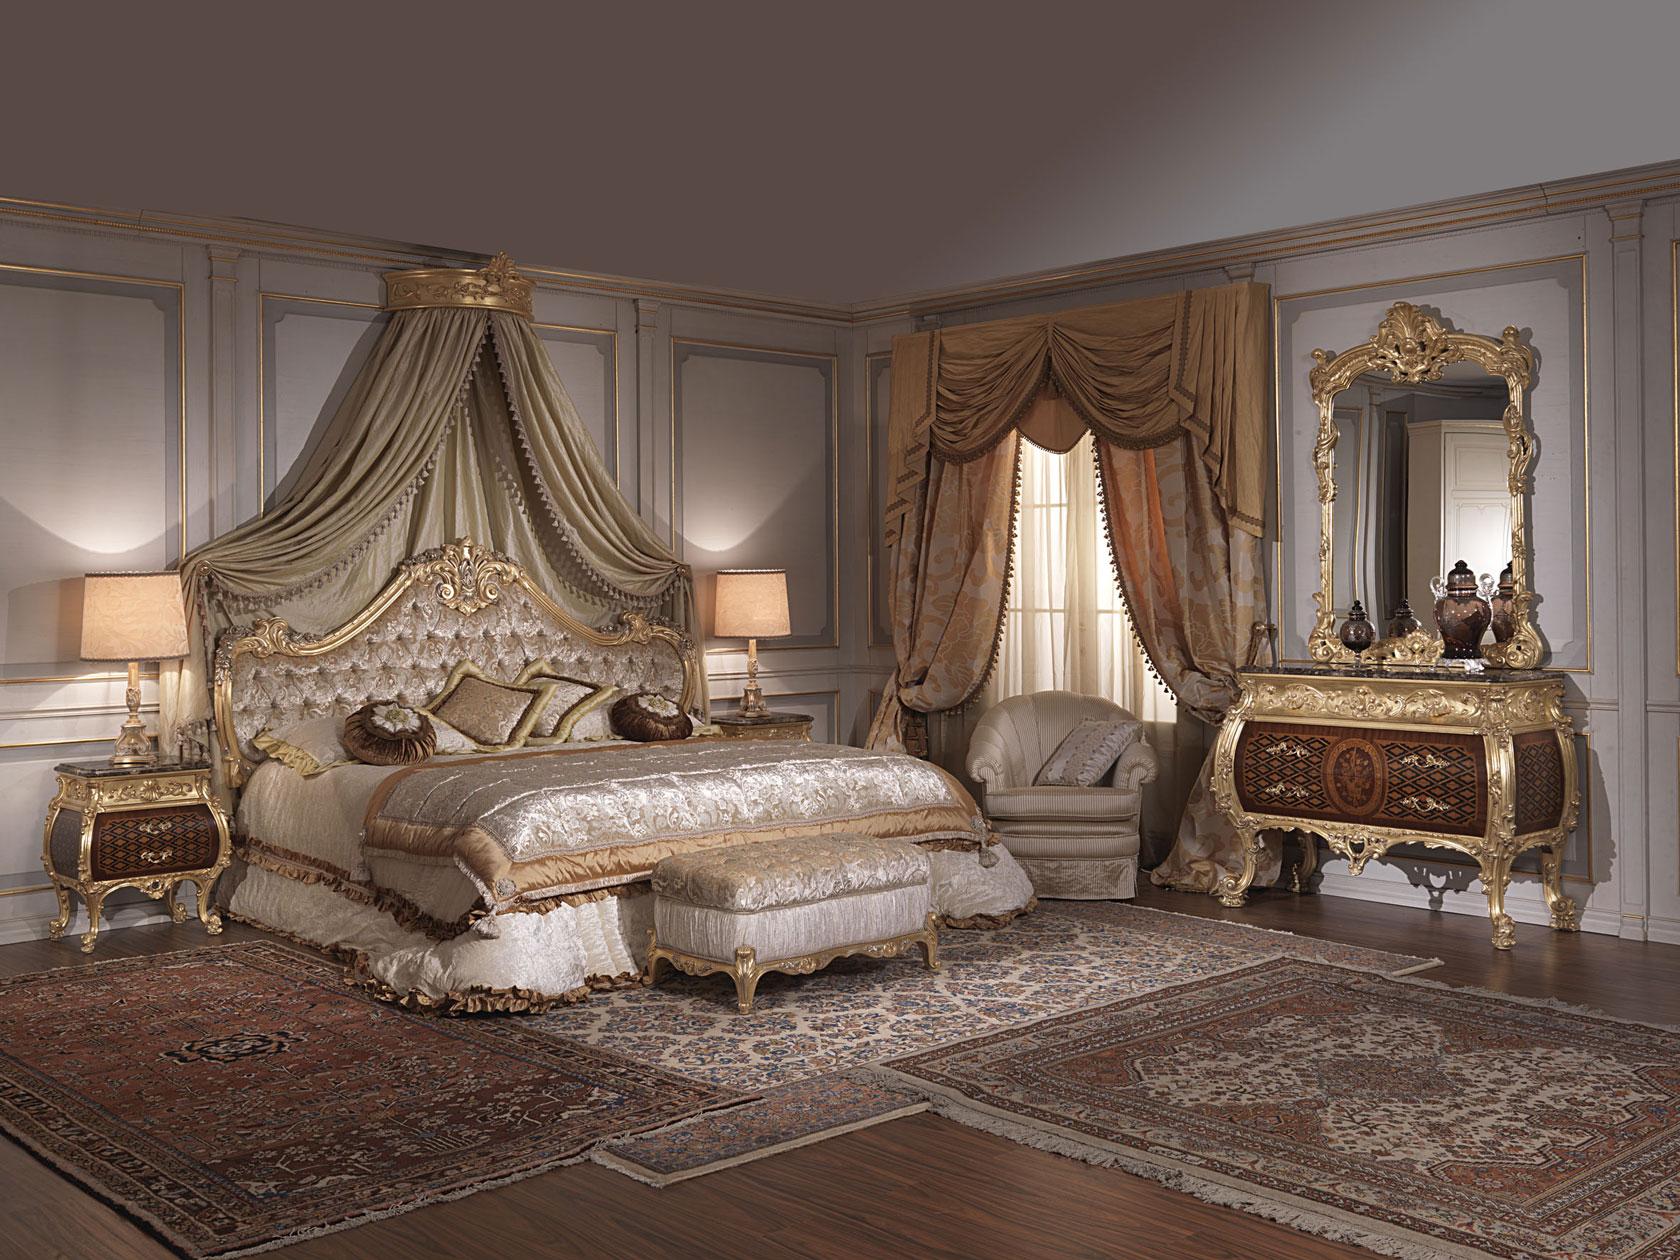 Camera da letto classica stile 700 italiano e Luigi XV | Vimercati Meda